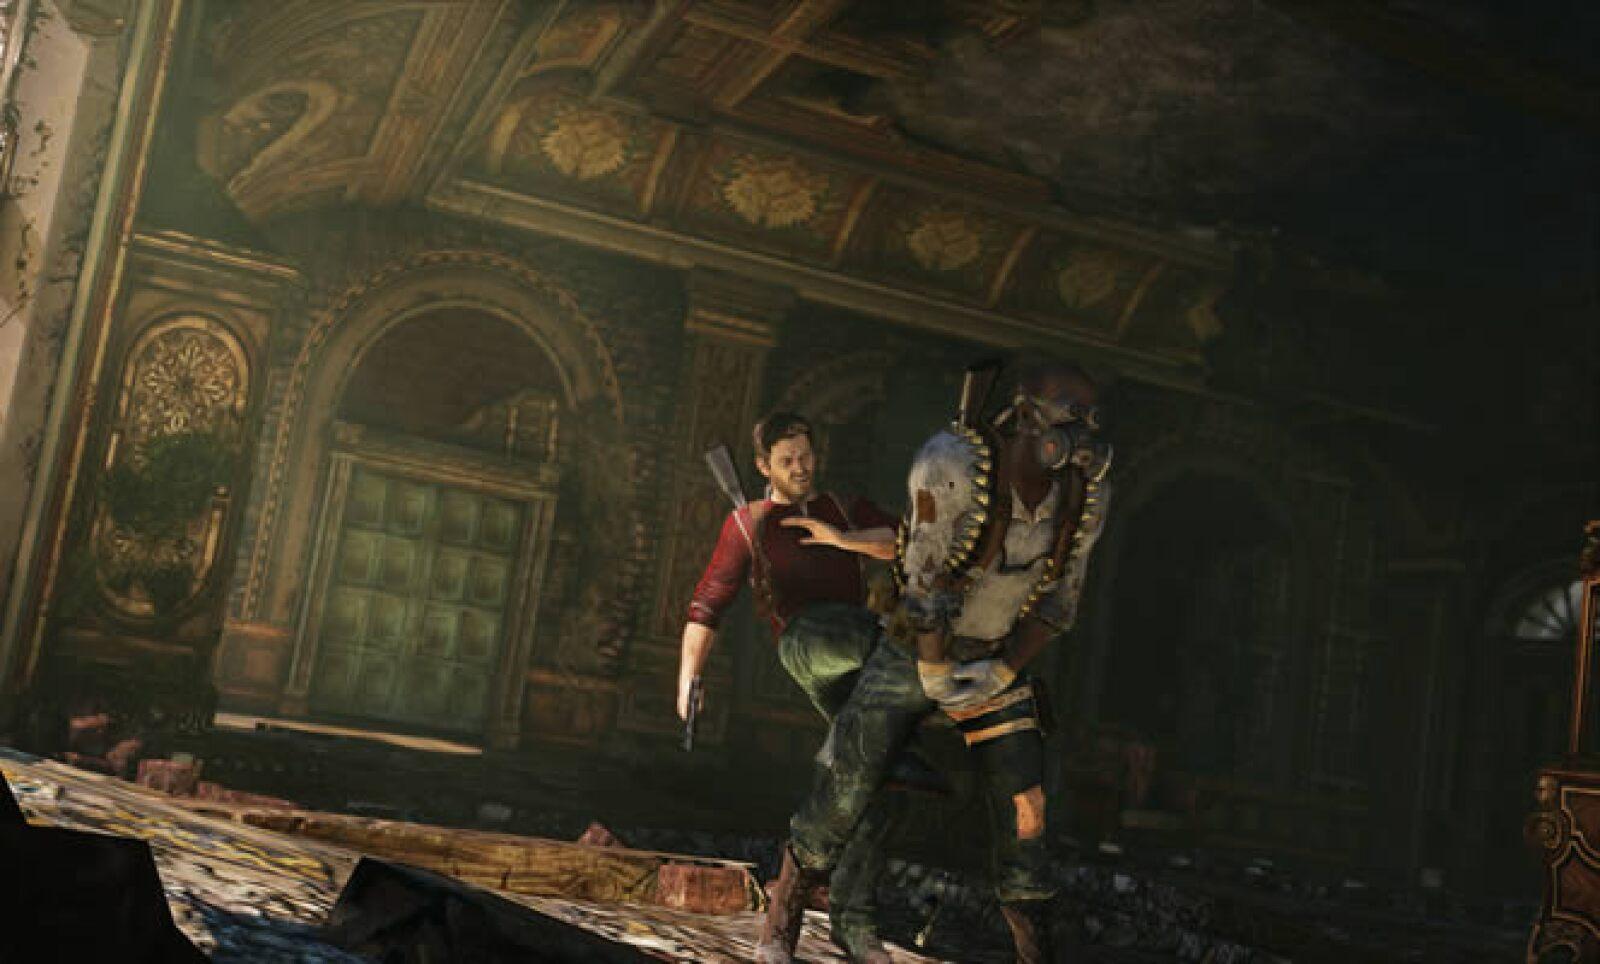 Nathan Drake, el Indiana Jones moderno regresa en esta tercera entrega, en la que tendrá que demostrar sus habilidades físicas mientras se enfrenta a múltiples enemigos.